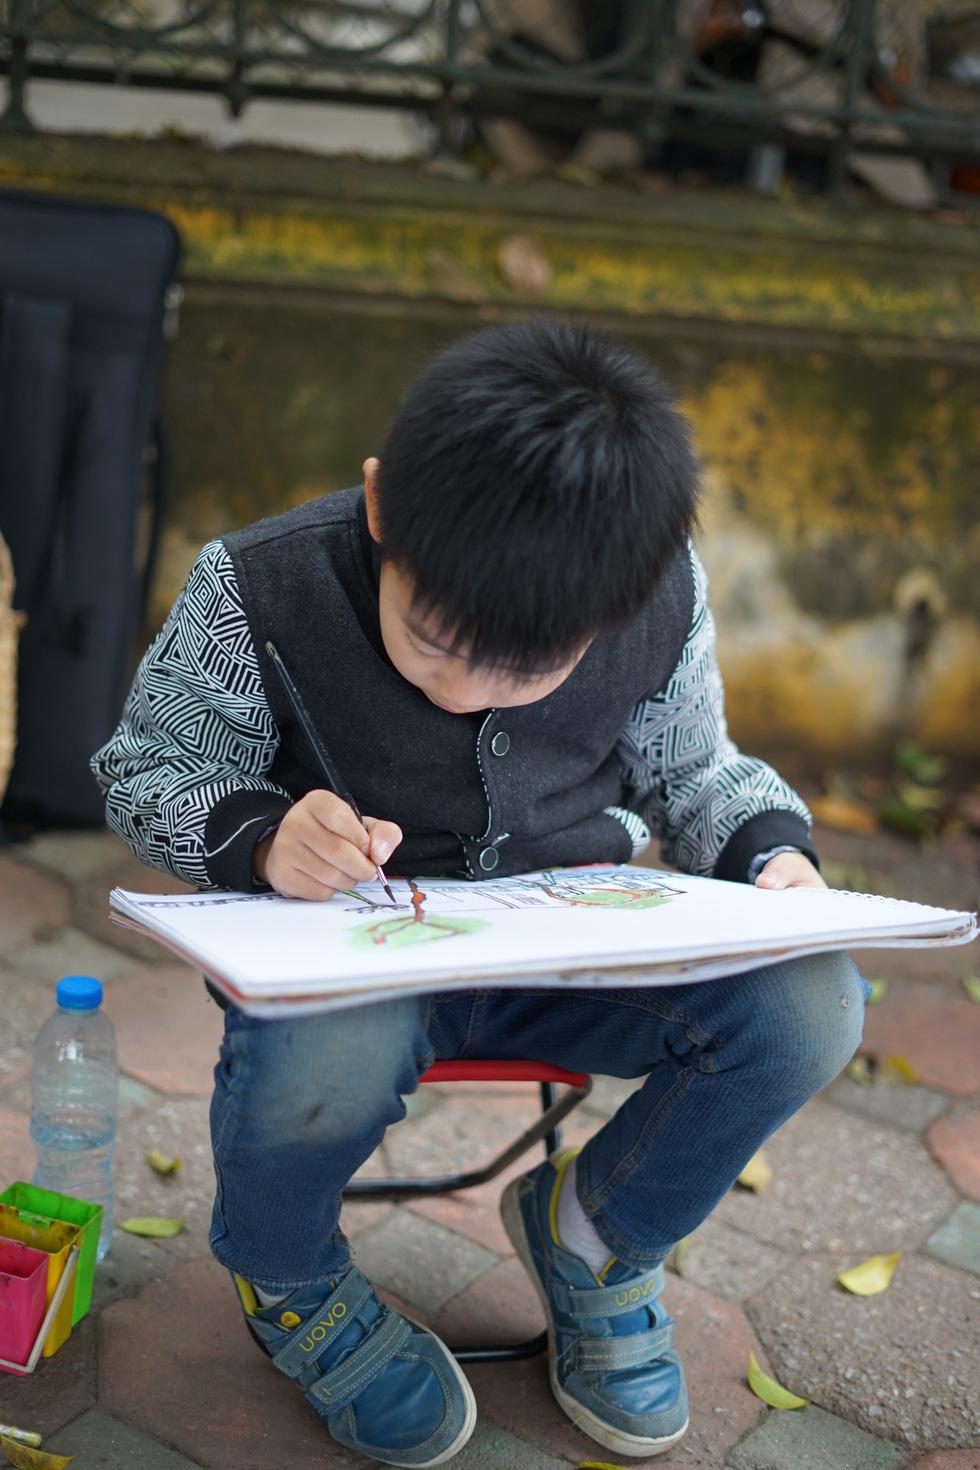 Ký họa đô thị Hà Nội: Những người vẽ bằng tình yêu... - Ảnh 12.